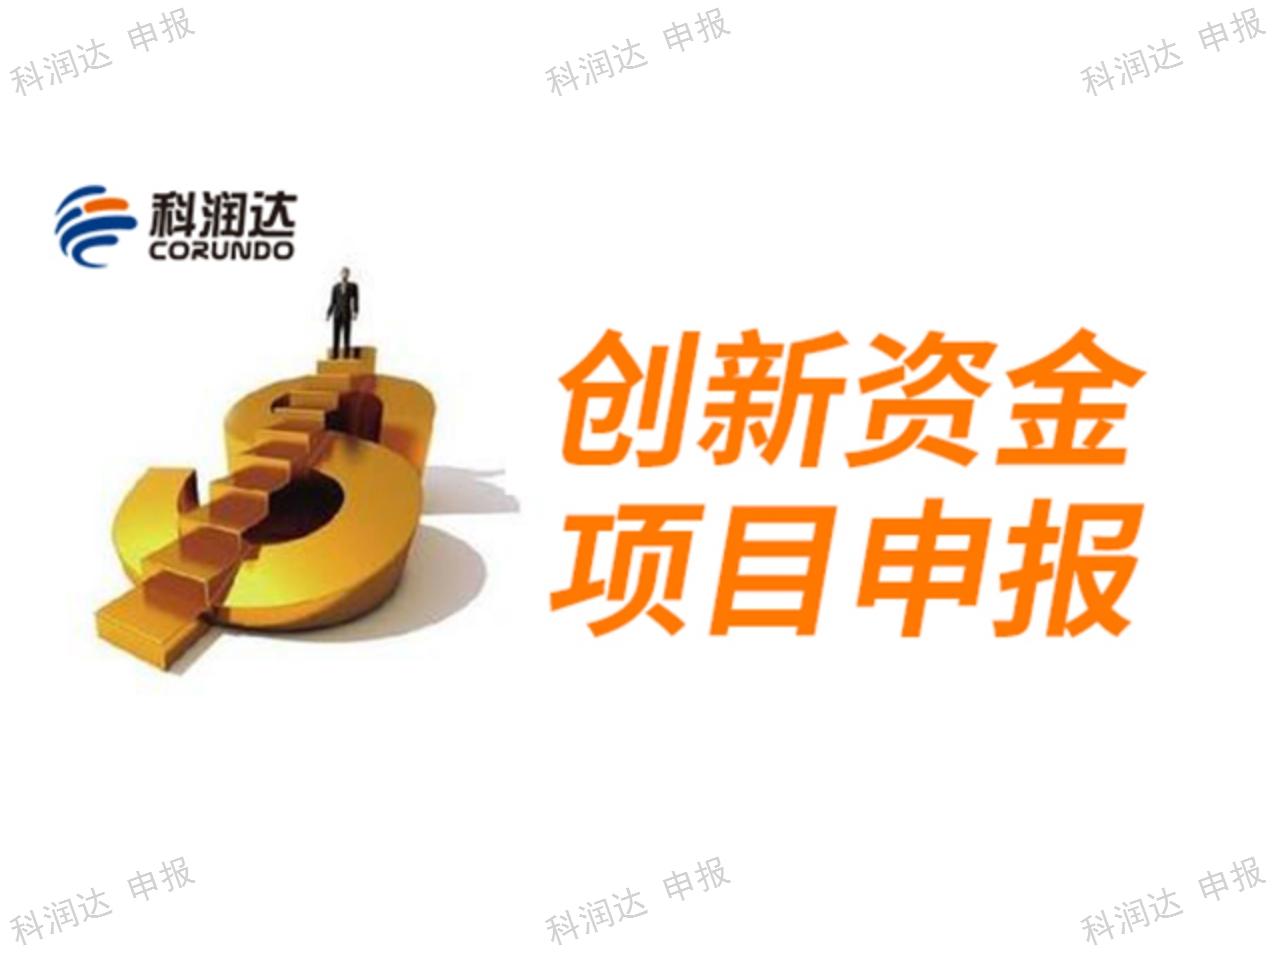 徐汇区正规技术创新项目指导 服务至上 上海科润达供应